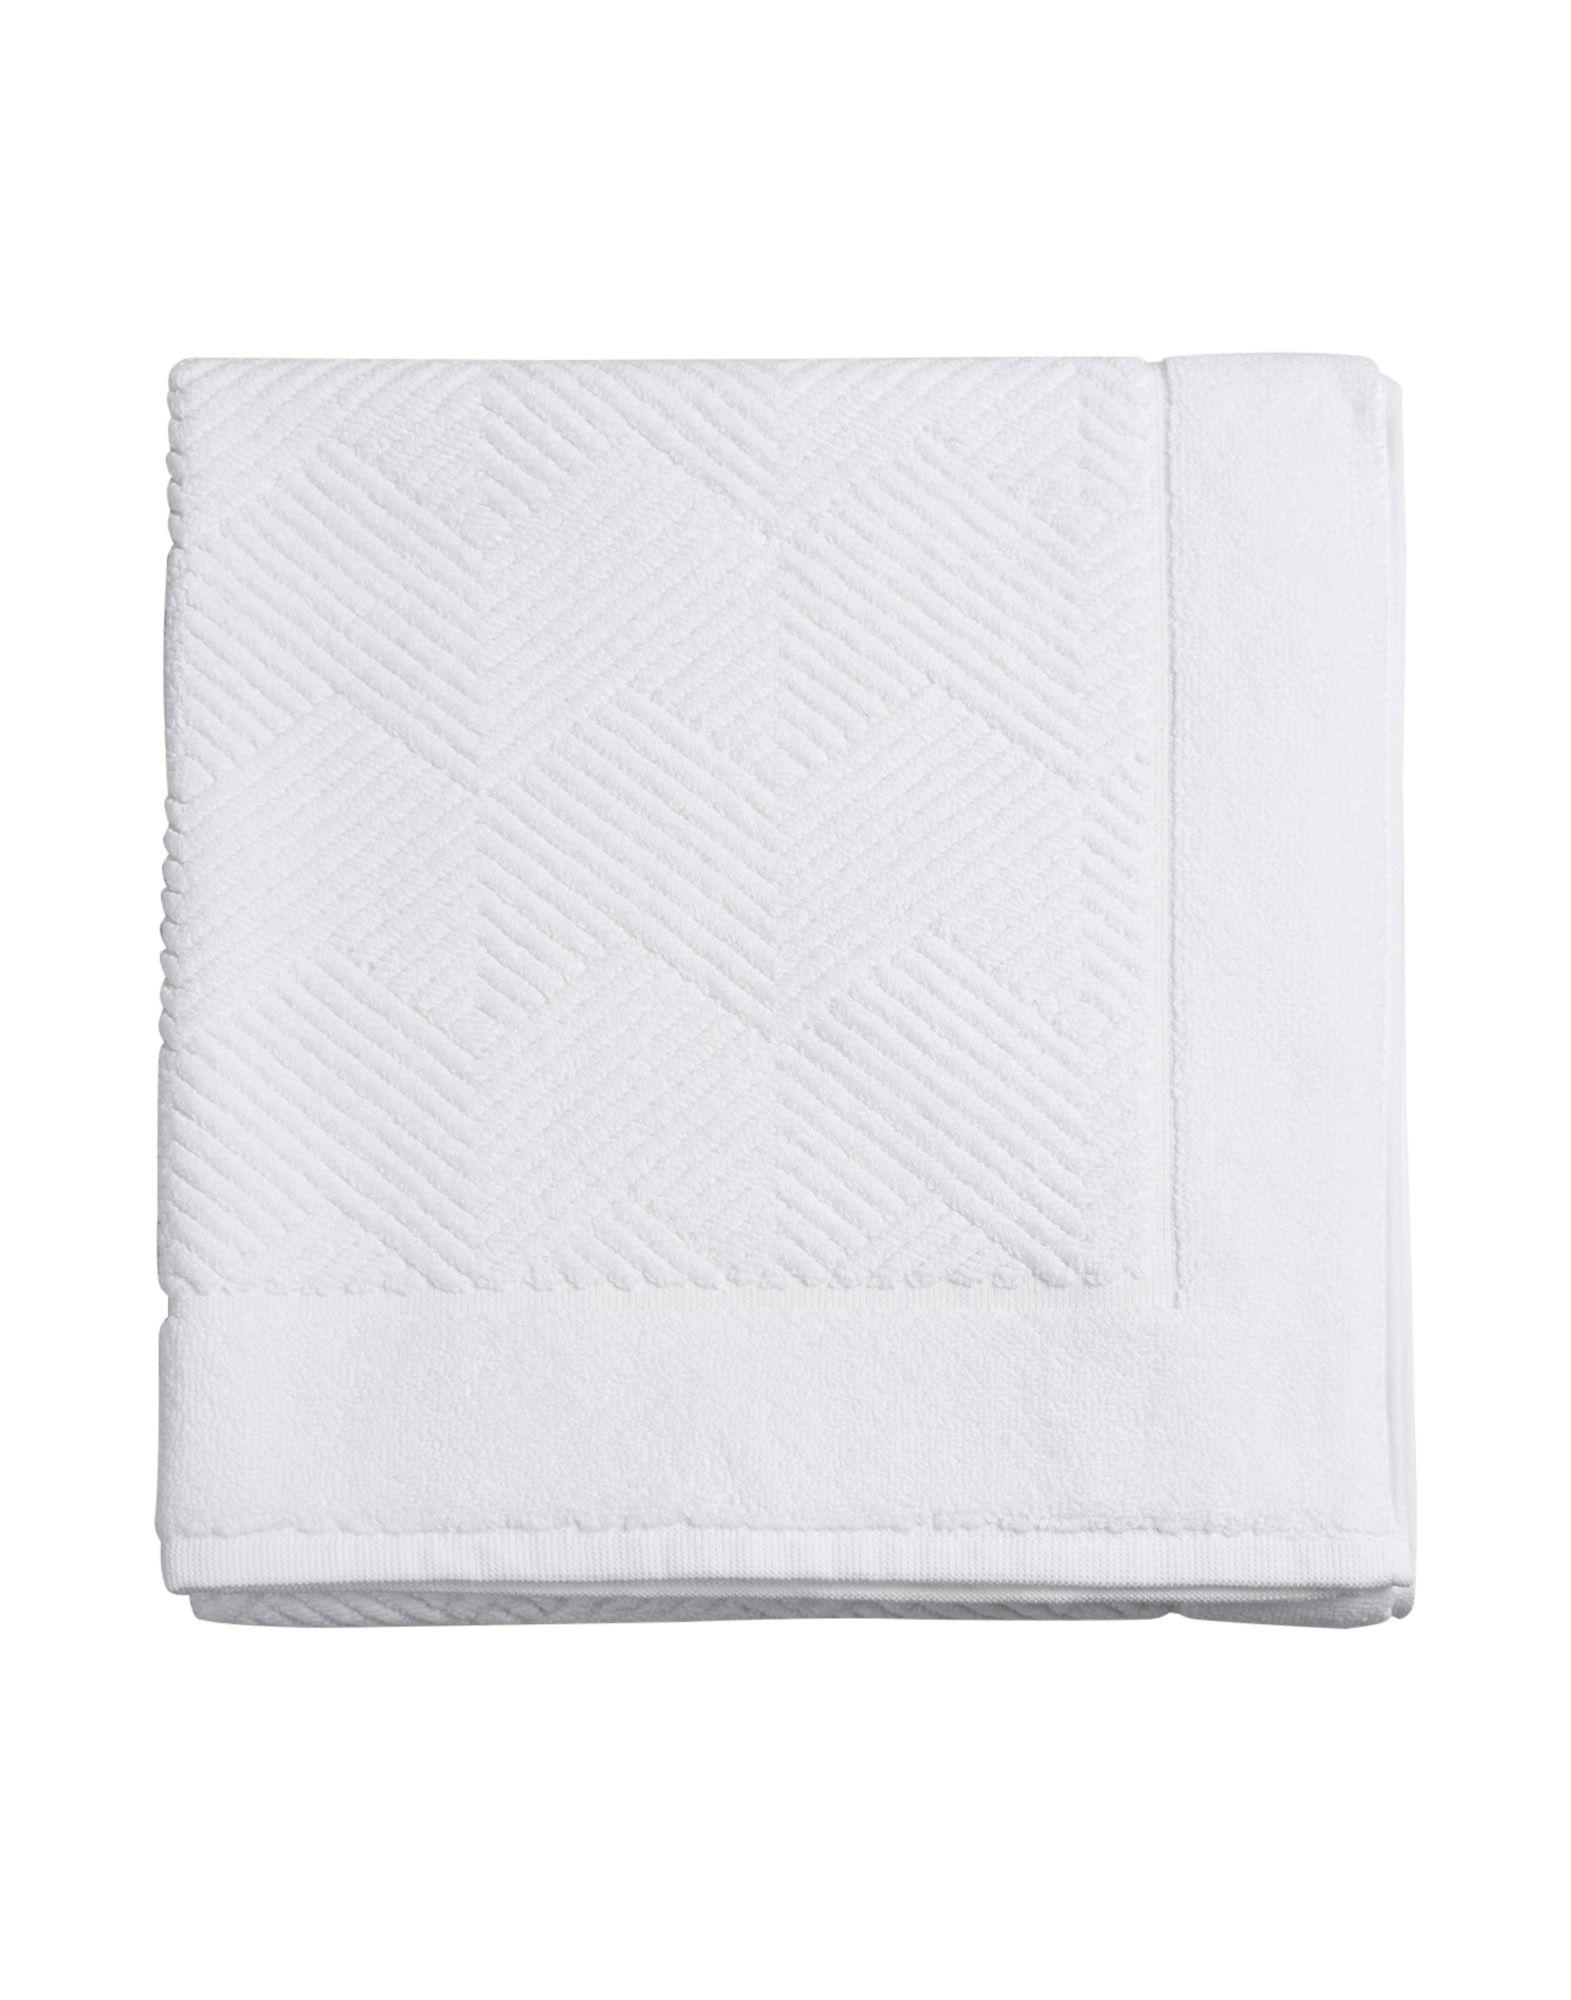 FRETTE Unisex Teppich Farbe Weiß Größe 1